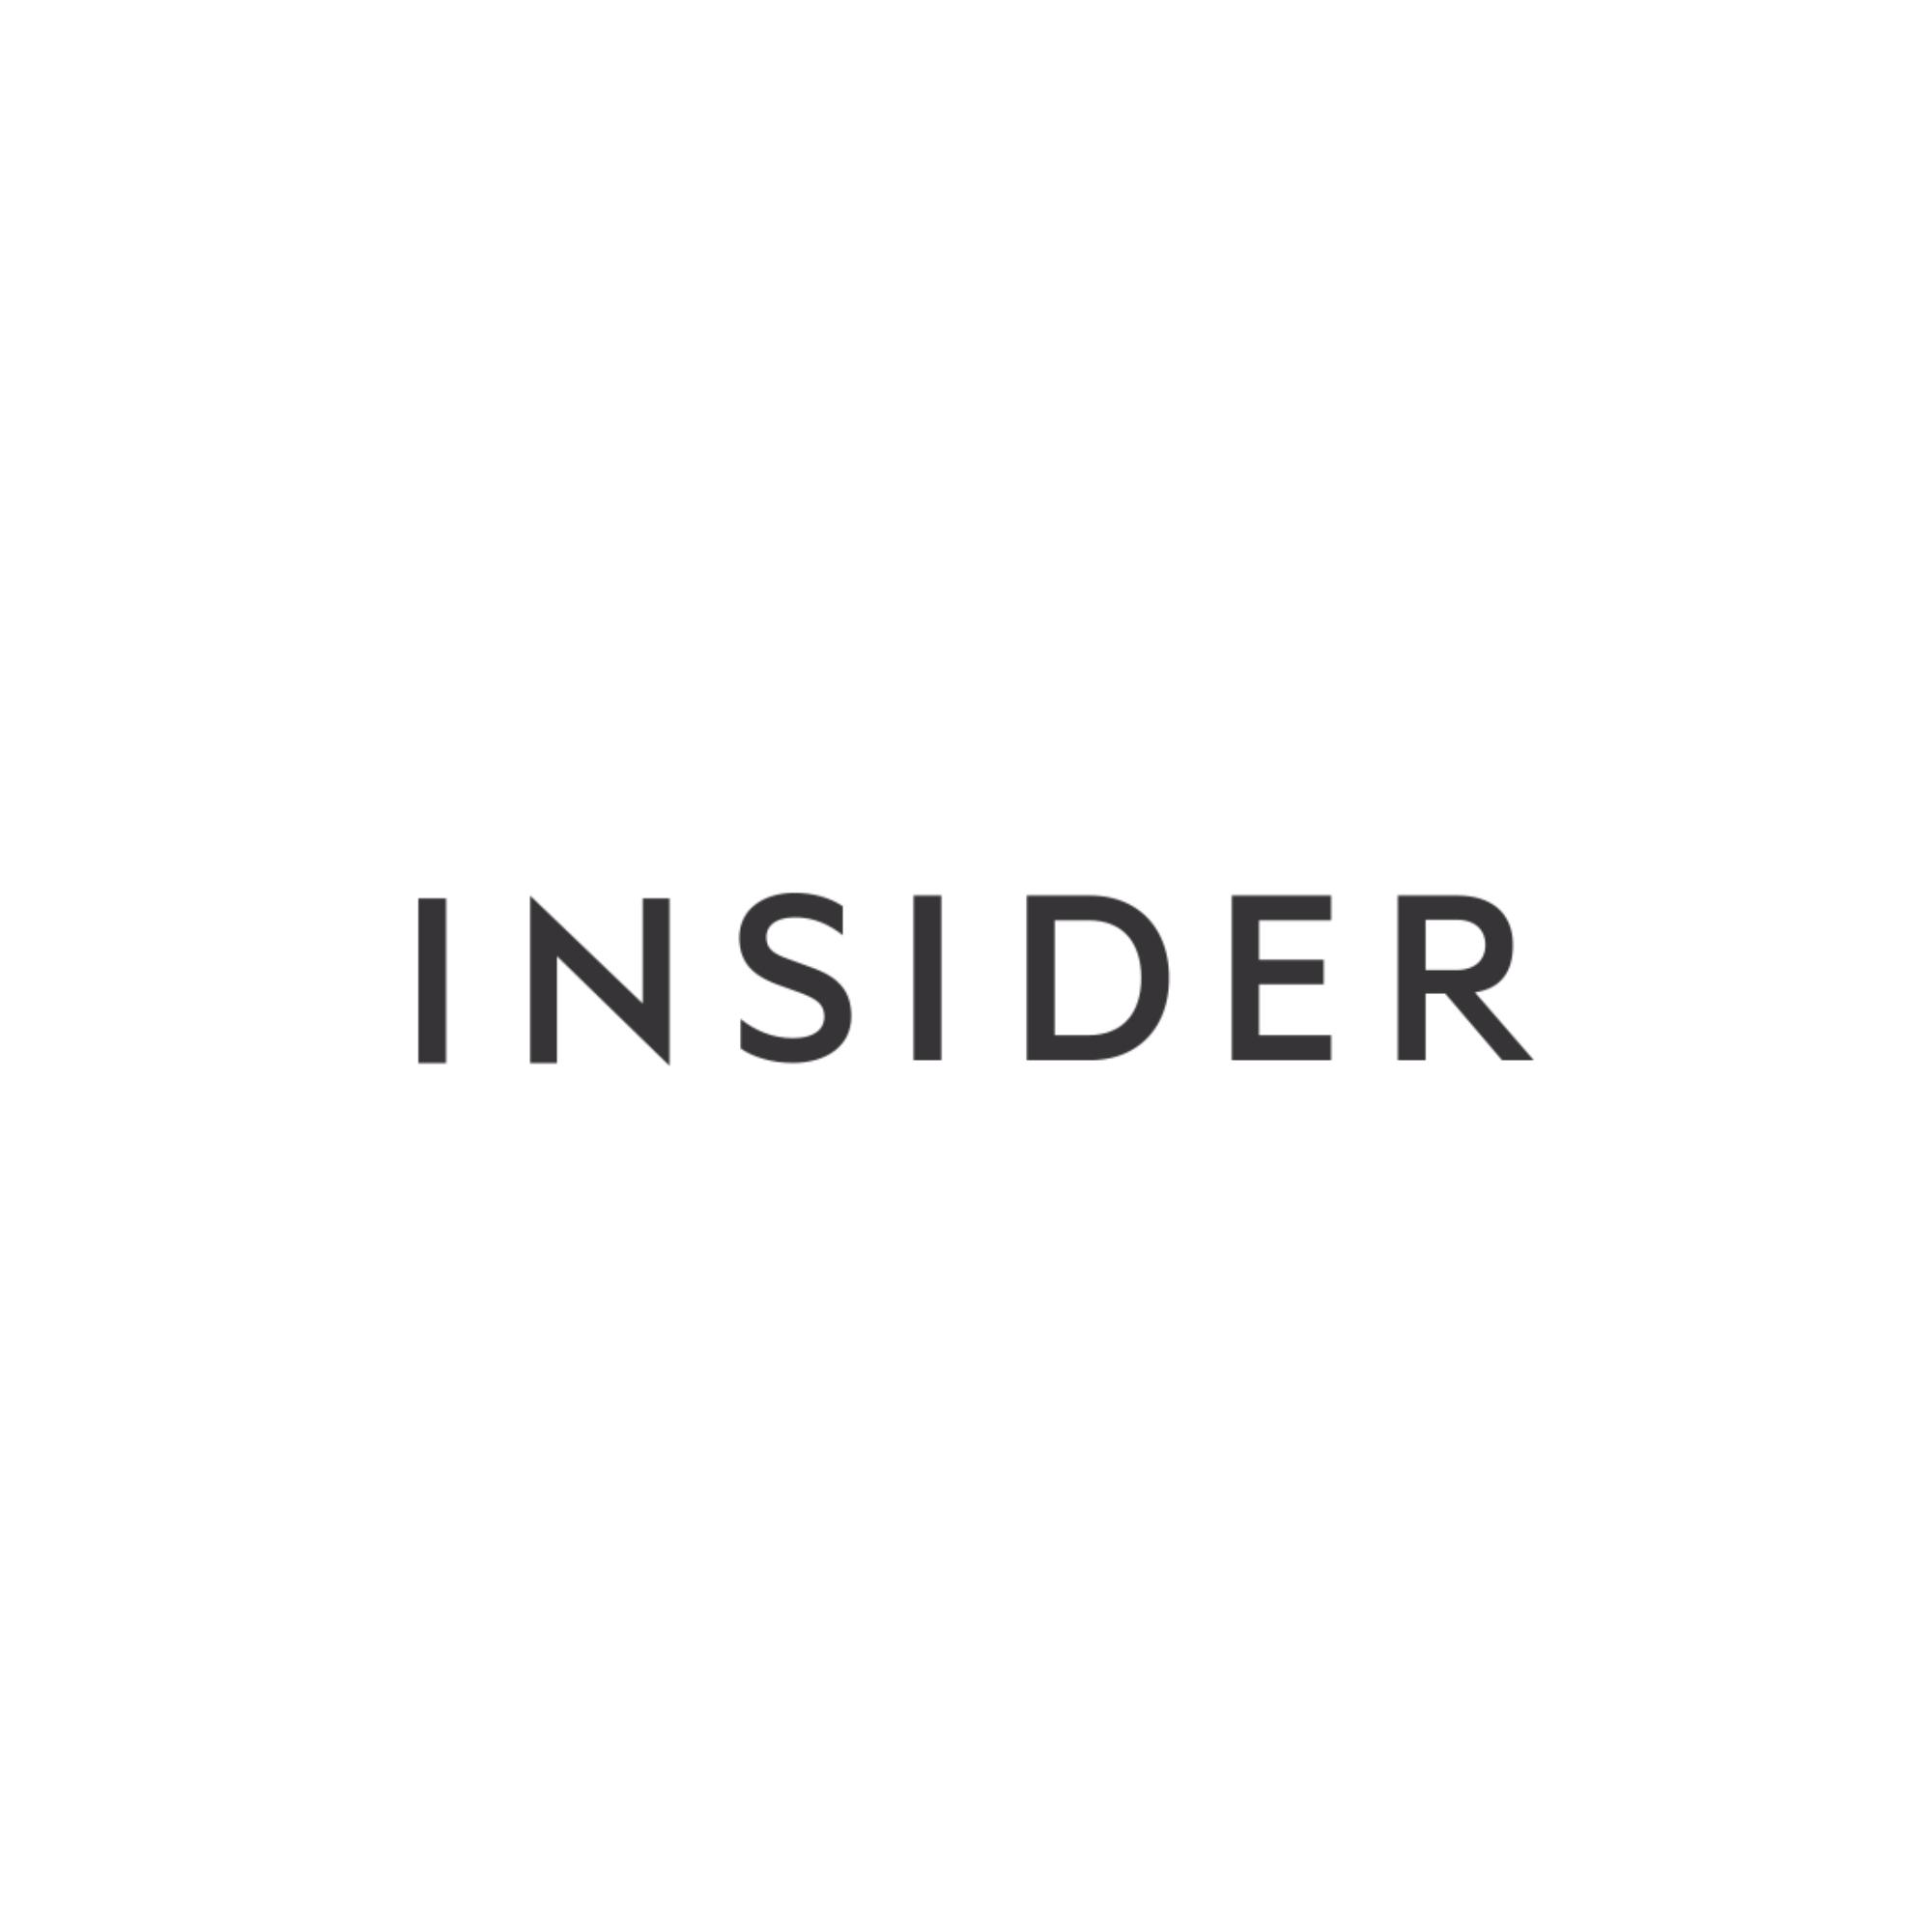 insider-logo.jpg